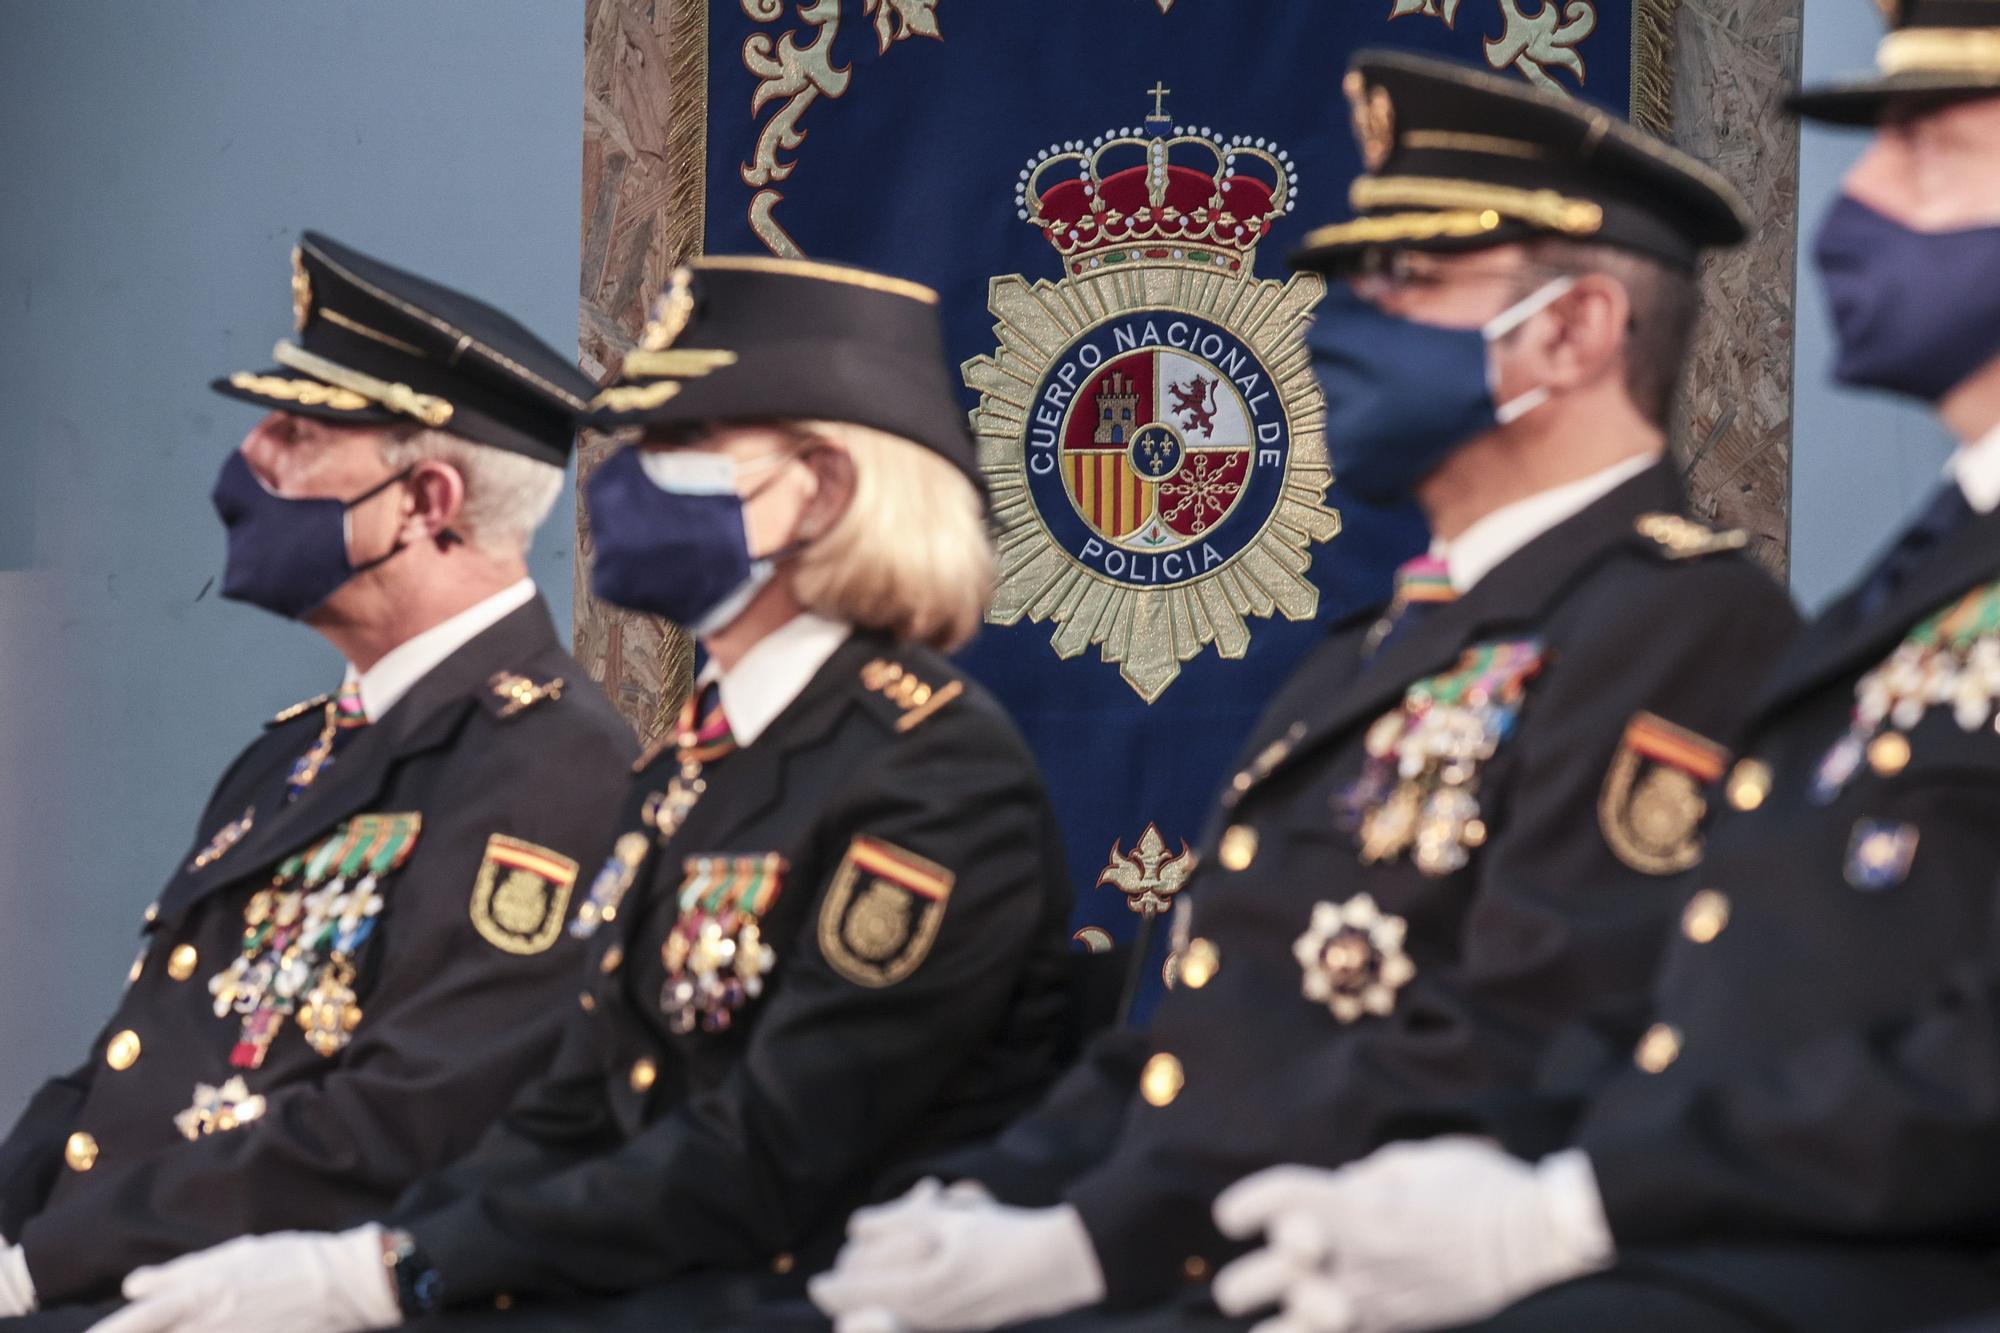 La Policía Nacional de Oviedo celebra a sus patronos, los Ángeles Custodios